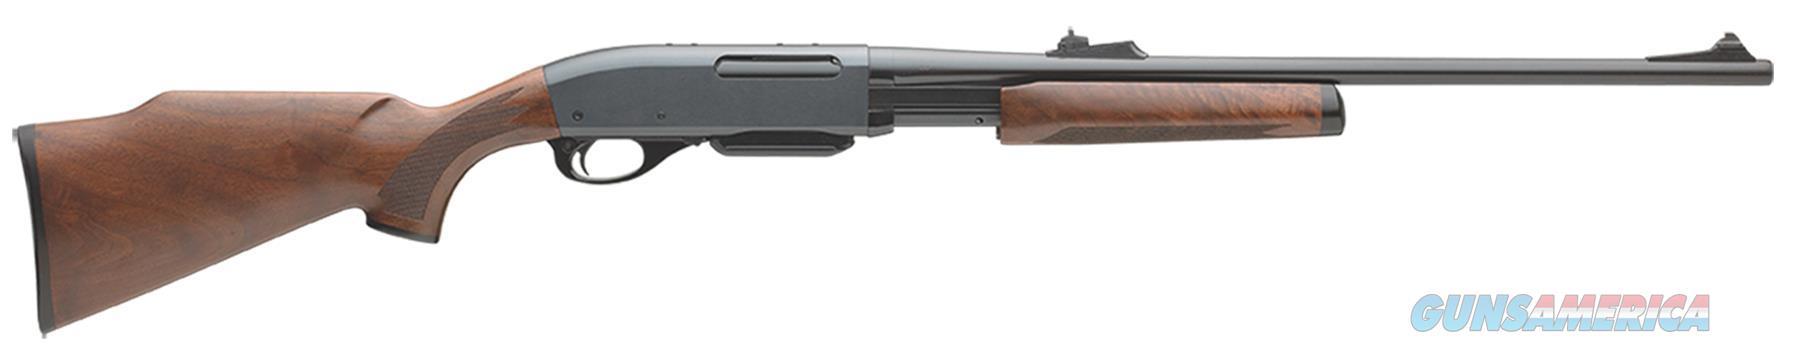 """Remington Firearms 24657 7600 Standard Pump 30-06 Springfield 22"""" 4+1 Walnut Stk Blued 24657  Guns > Rifles > R Misc Rifles"""